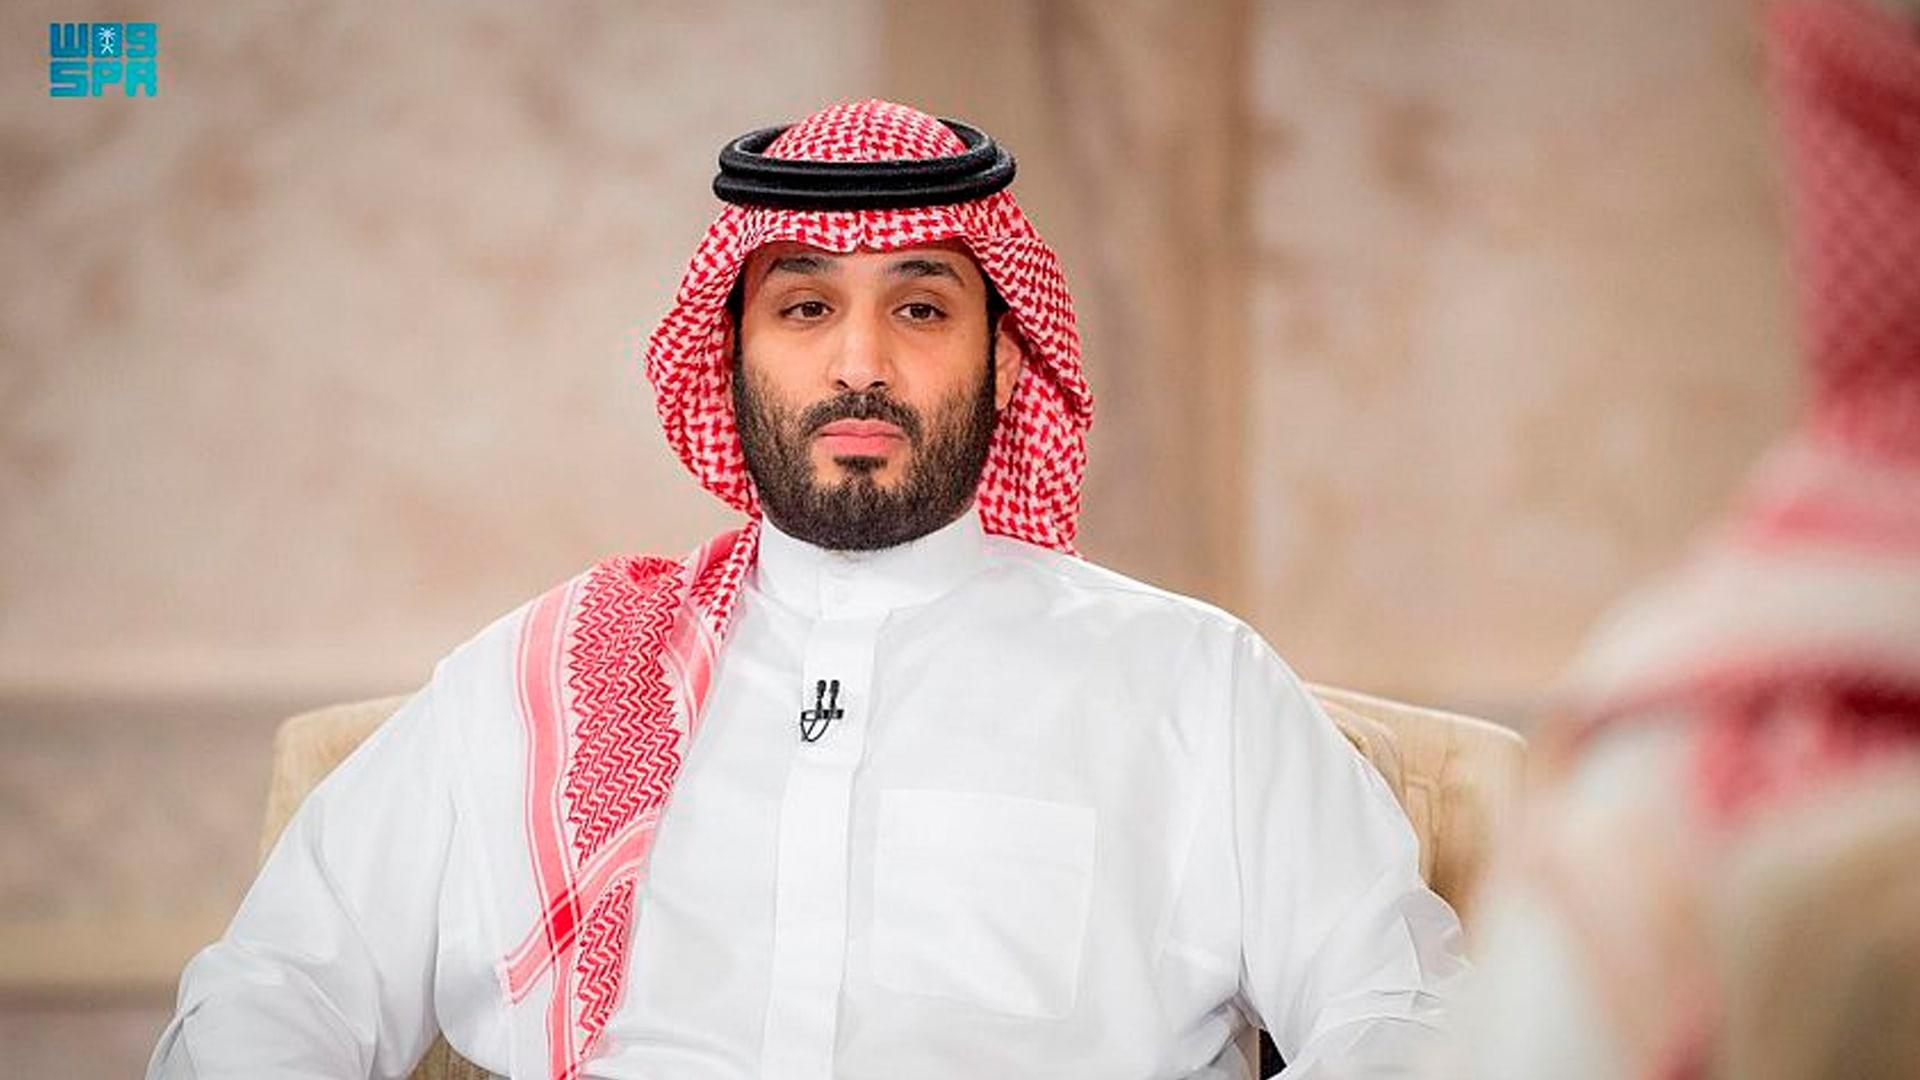 السعودية تجري محادثات لبيع 1٪ من حصتها في أرامكو لمستثمر أجنبي كبير